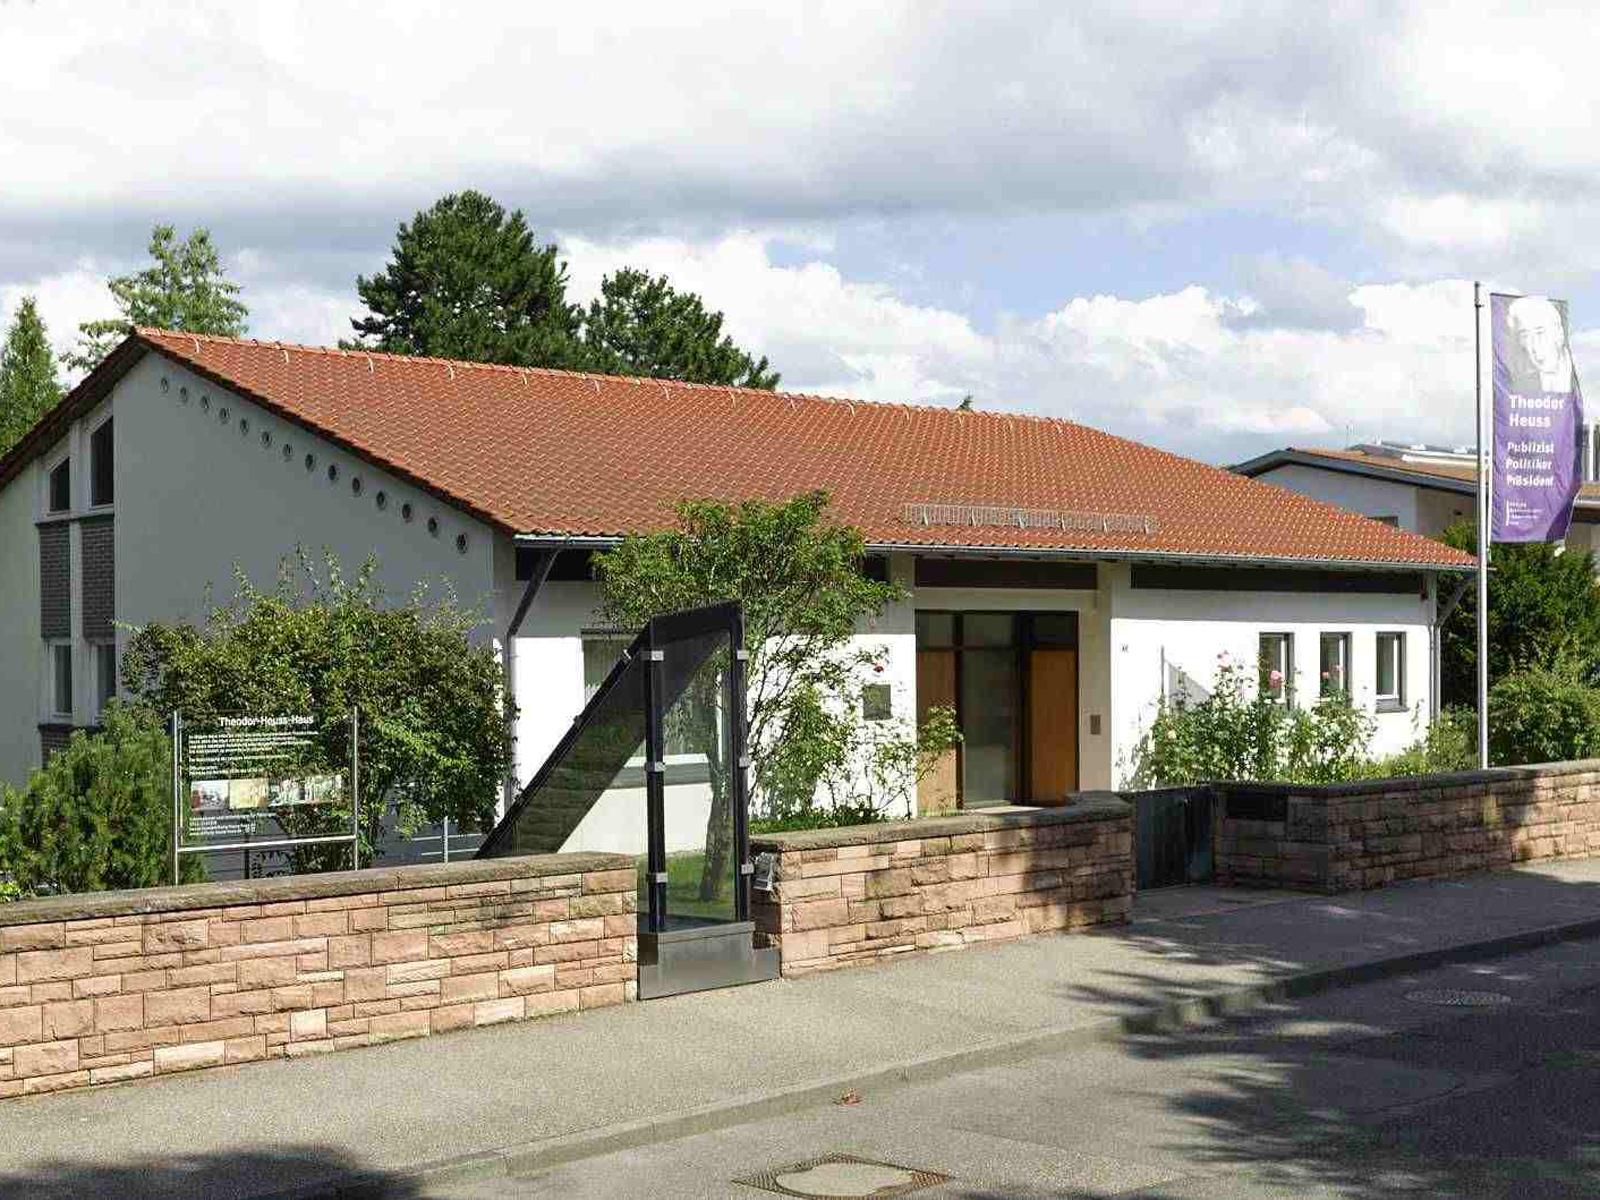 Lange Nacht der Museen Stuttgart - Theodor Heuss Haus